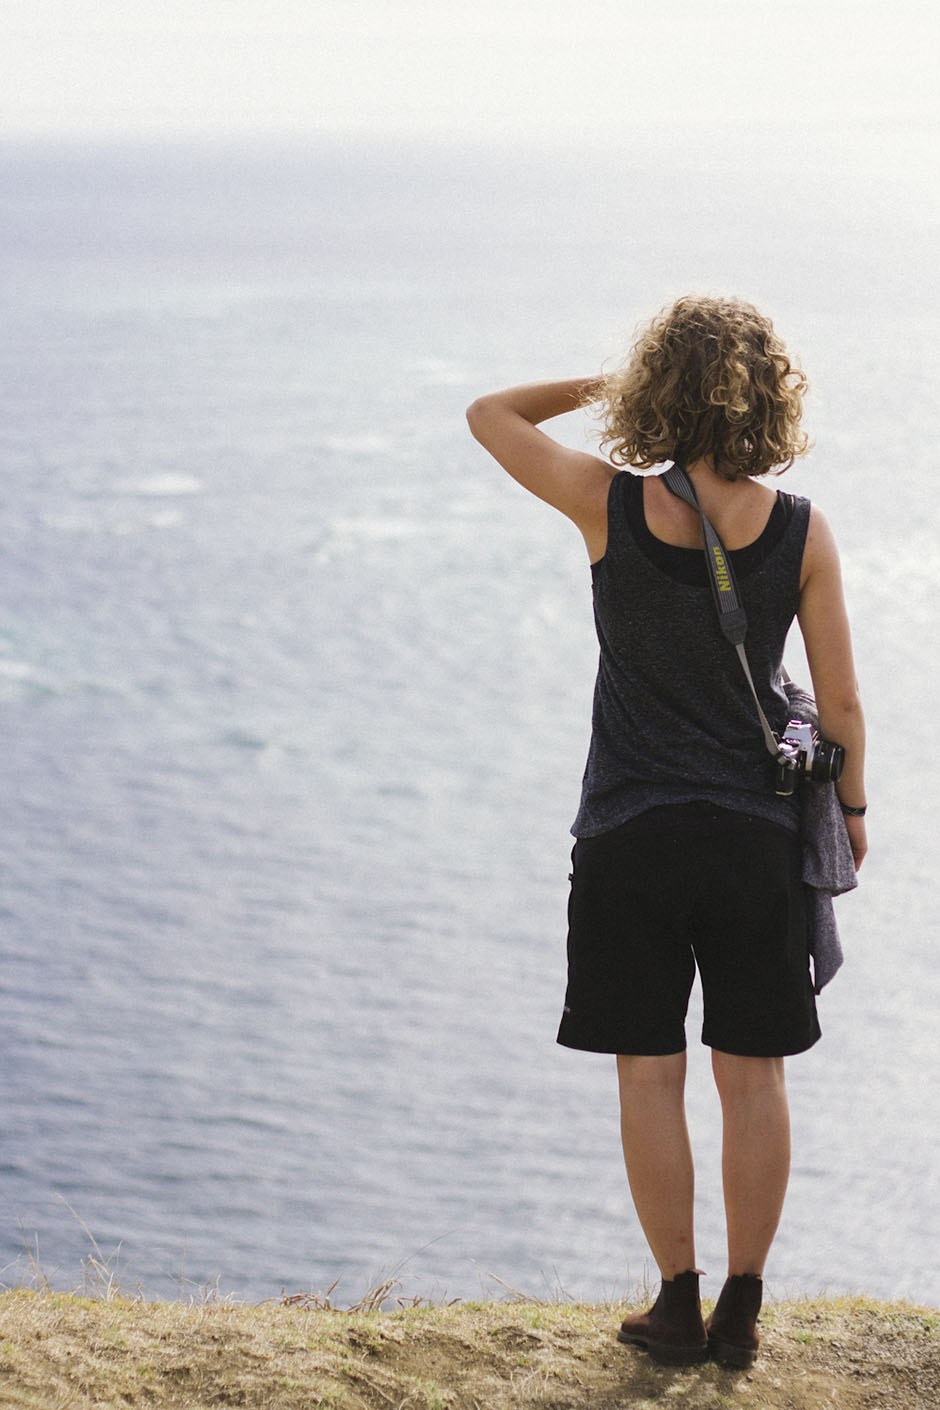 Rachel Walker. Bay of Islands, New Zealand. 23